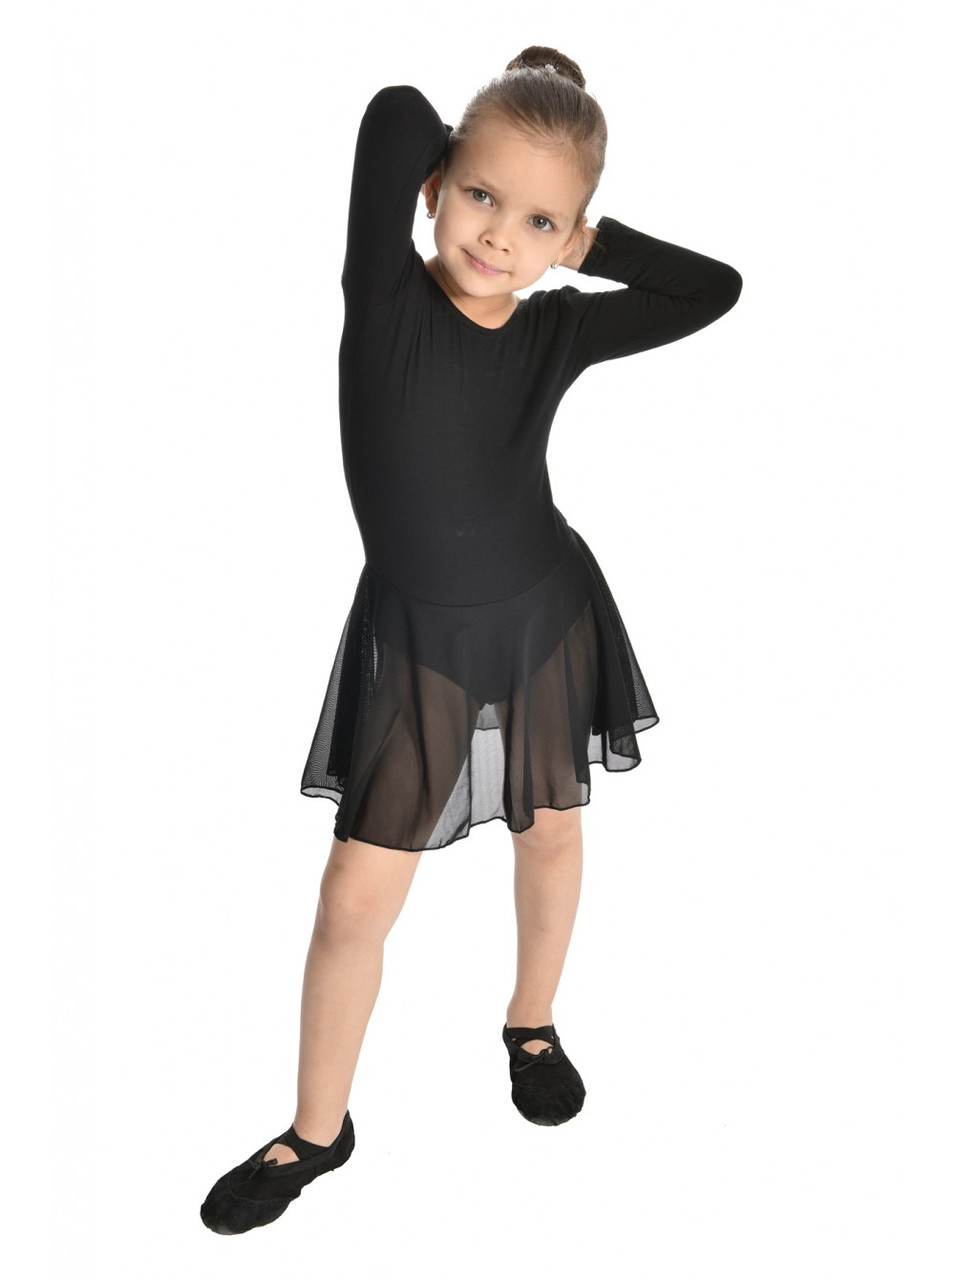 Купальник с юбкой шифон для гимнастики и хореографии